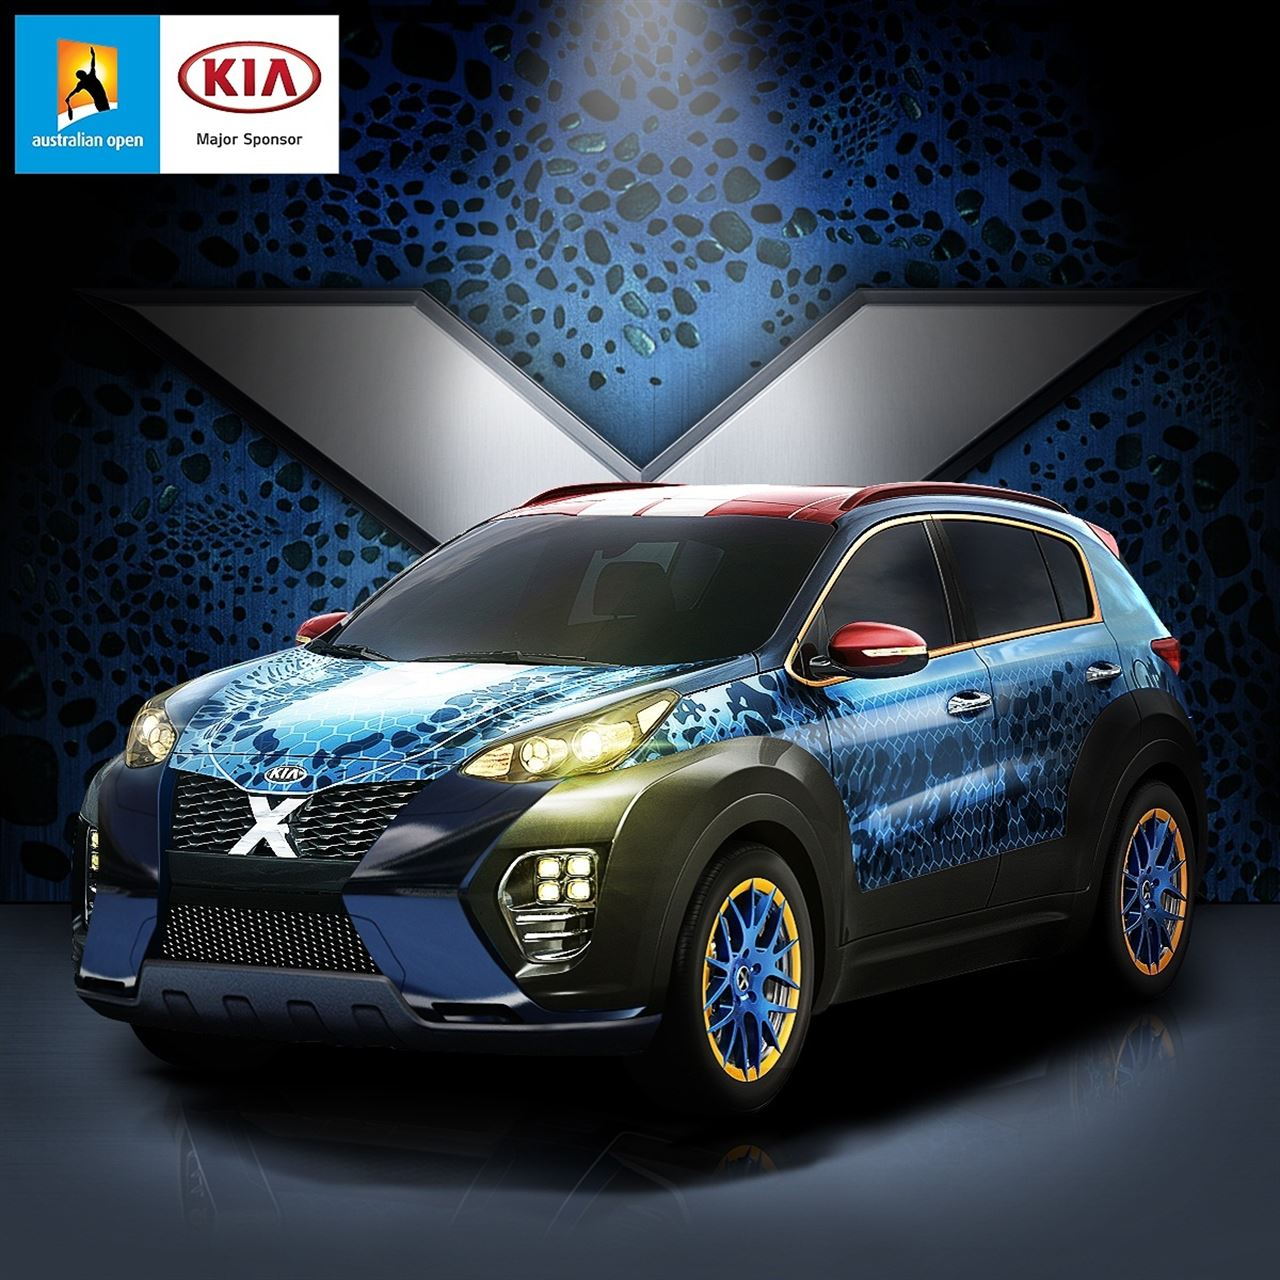 The Kia X Car Mystique.